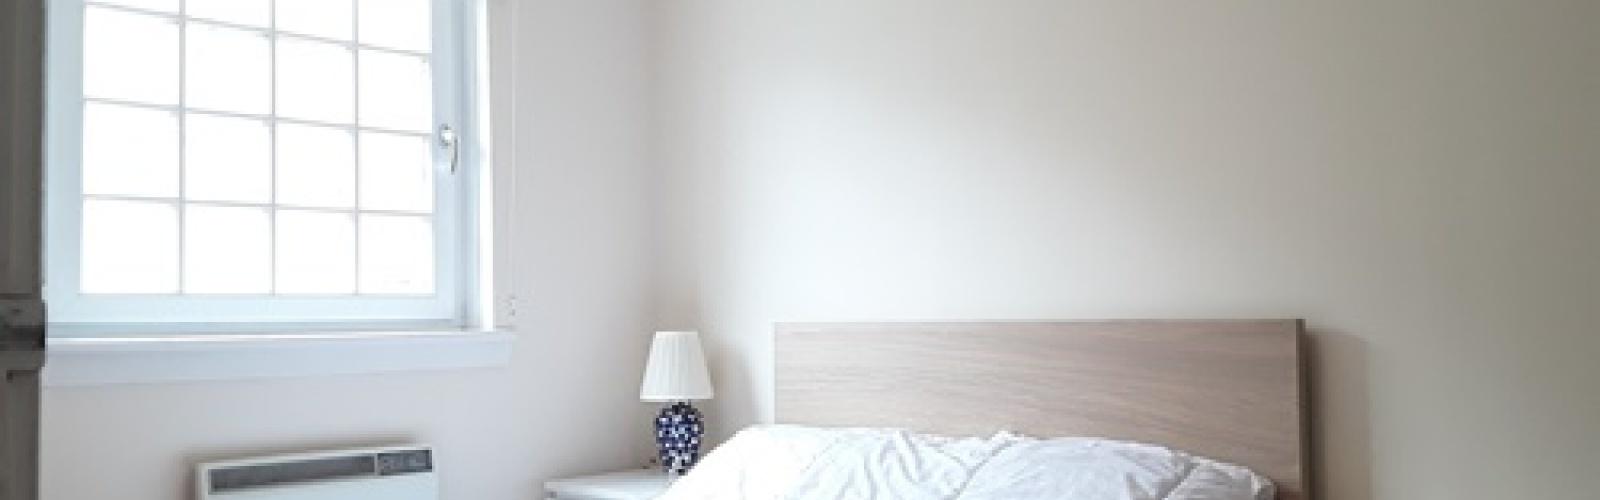 1 Bedroom Bedrooms,1 BathroomBathrooms,Flat,1053